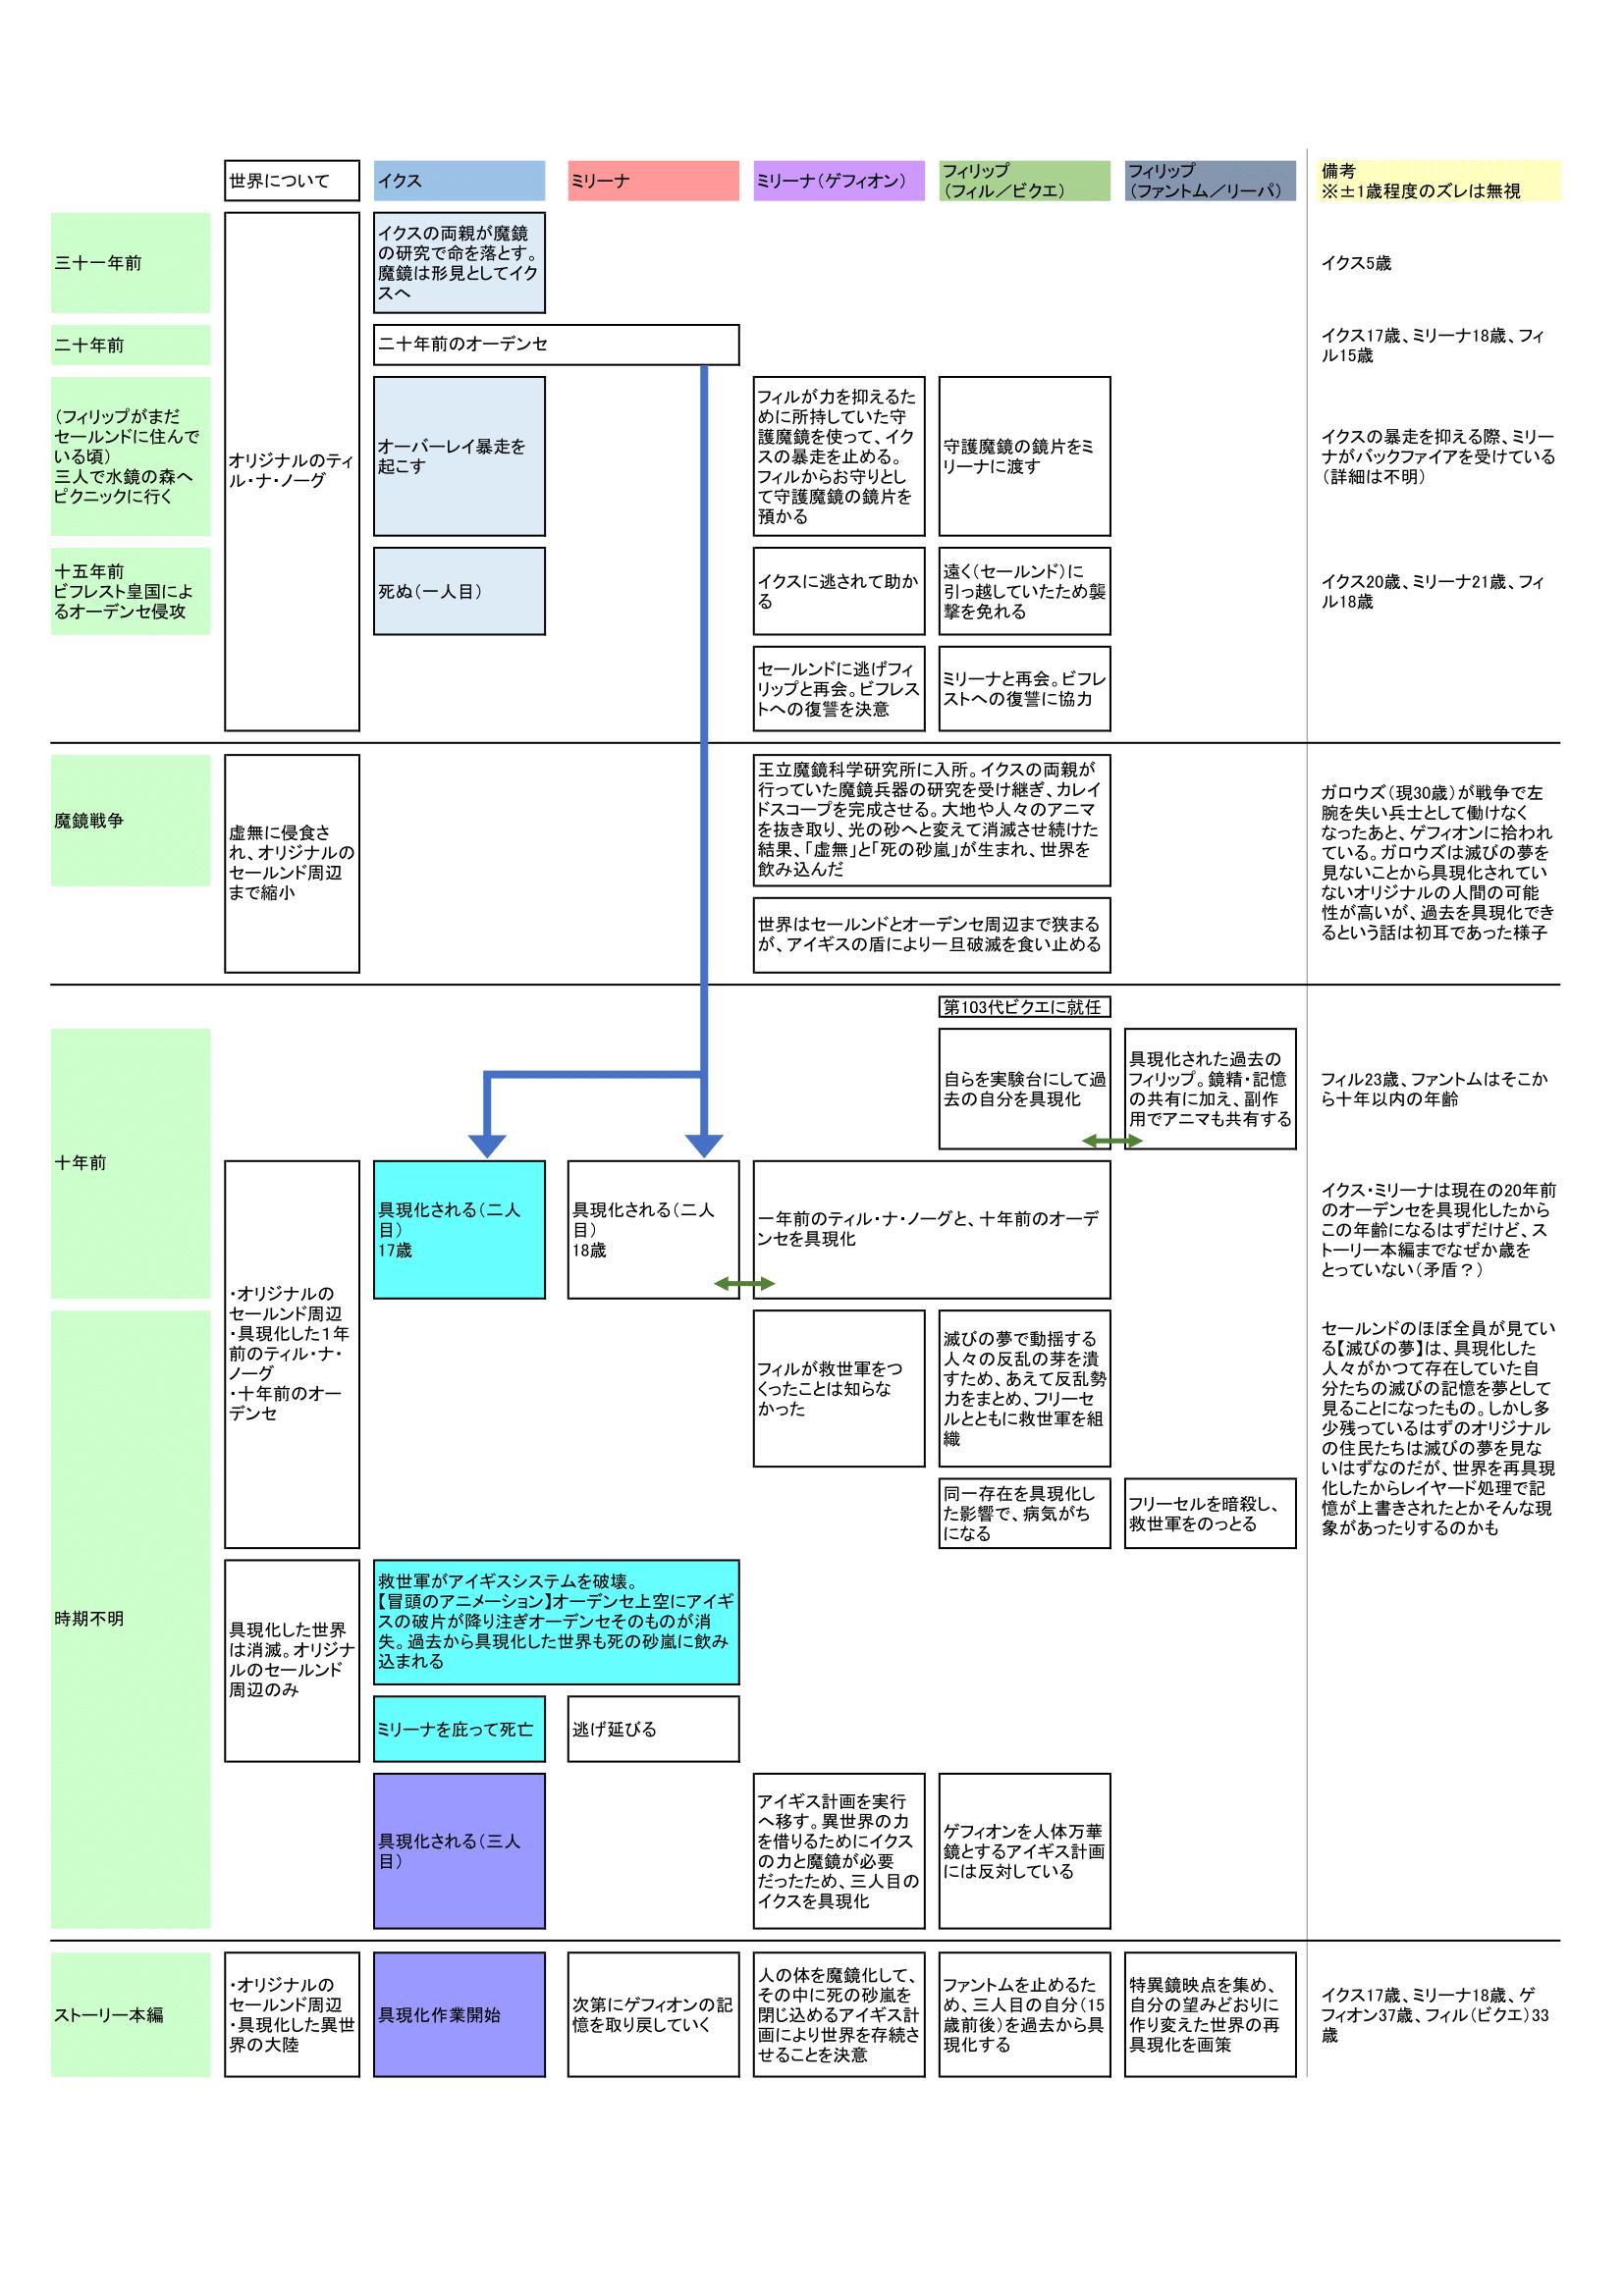 f:id:uonoushiro:20171229130318p:plain